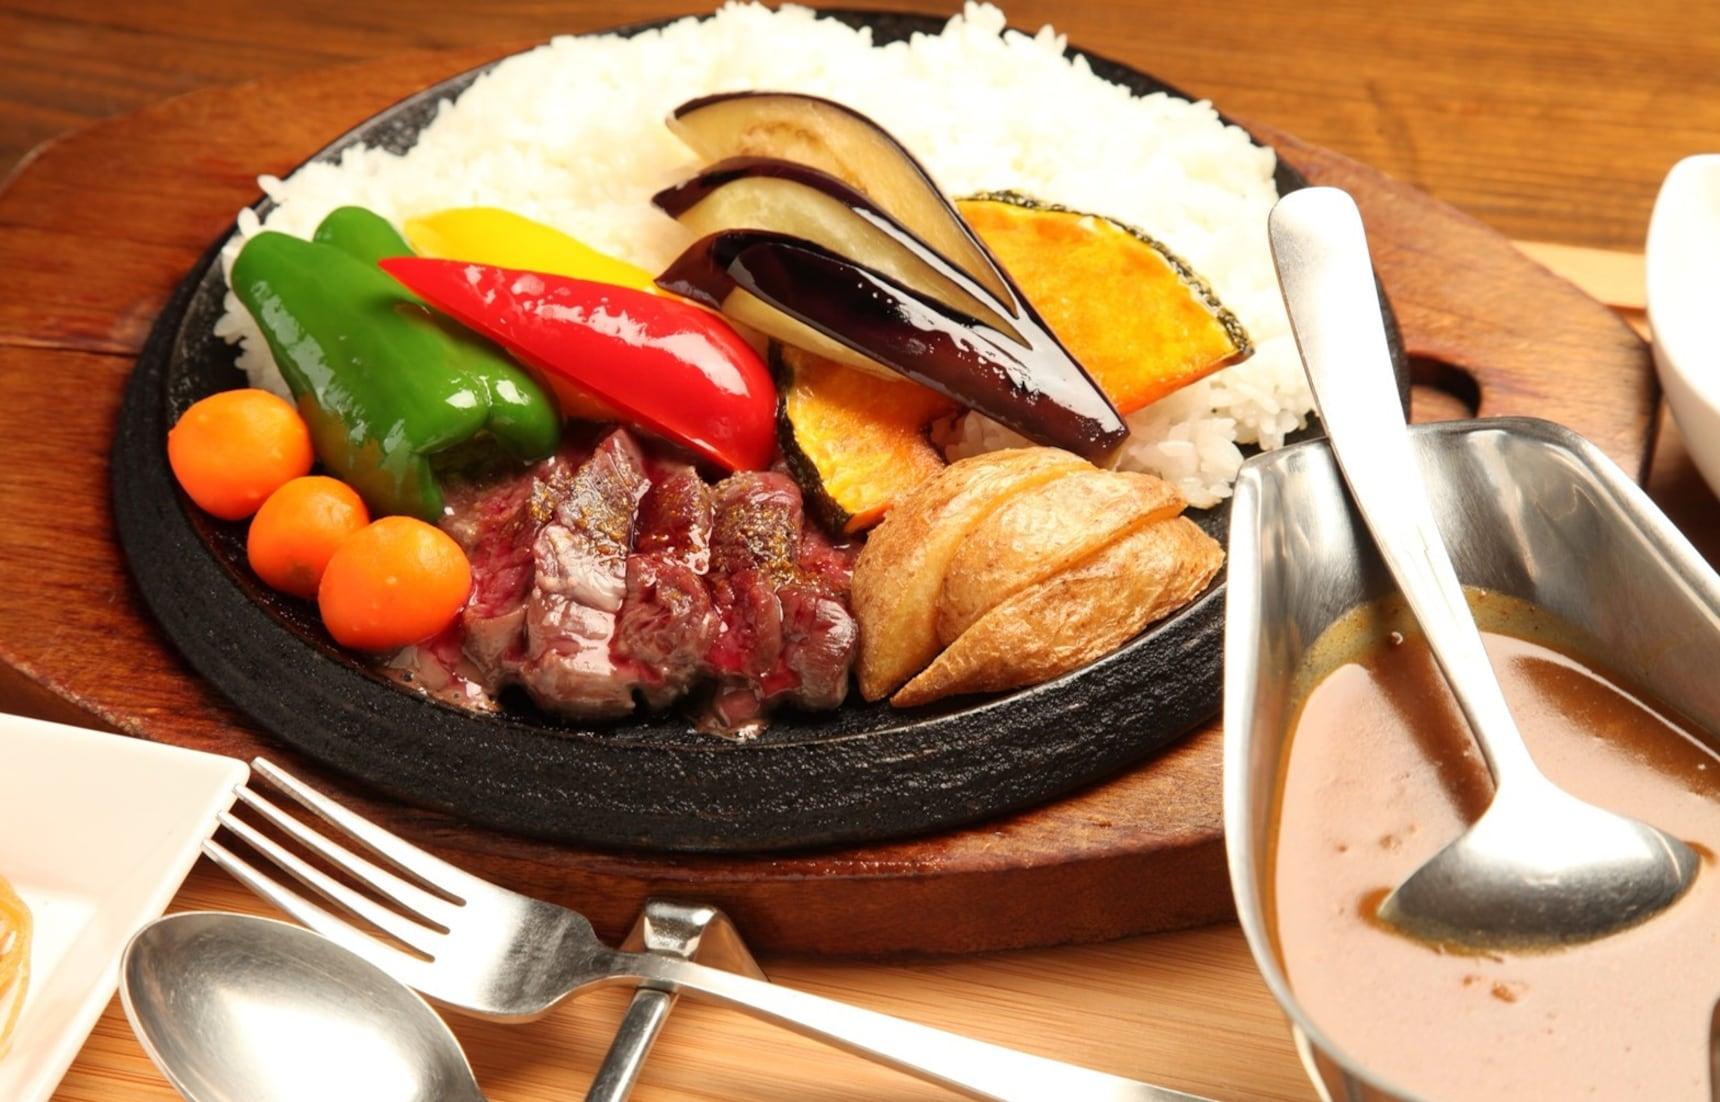 【北海道美食】鹿肉咖哩?結合住宿的複合式餐廳「Nanputei」